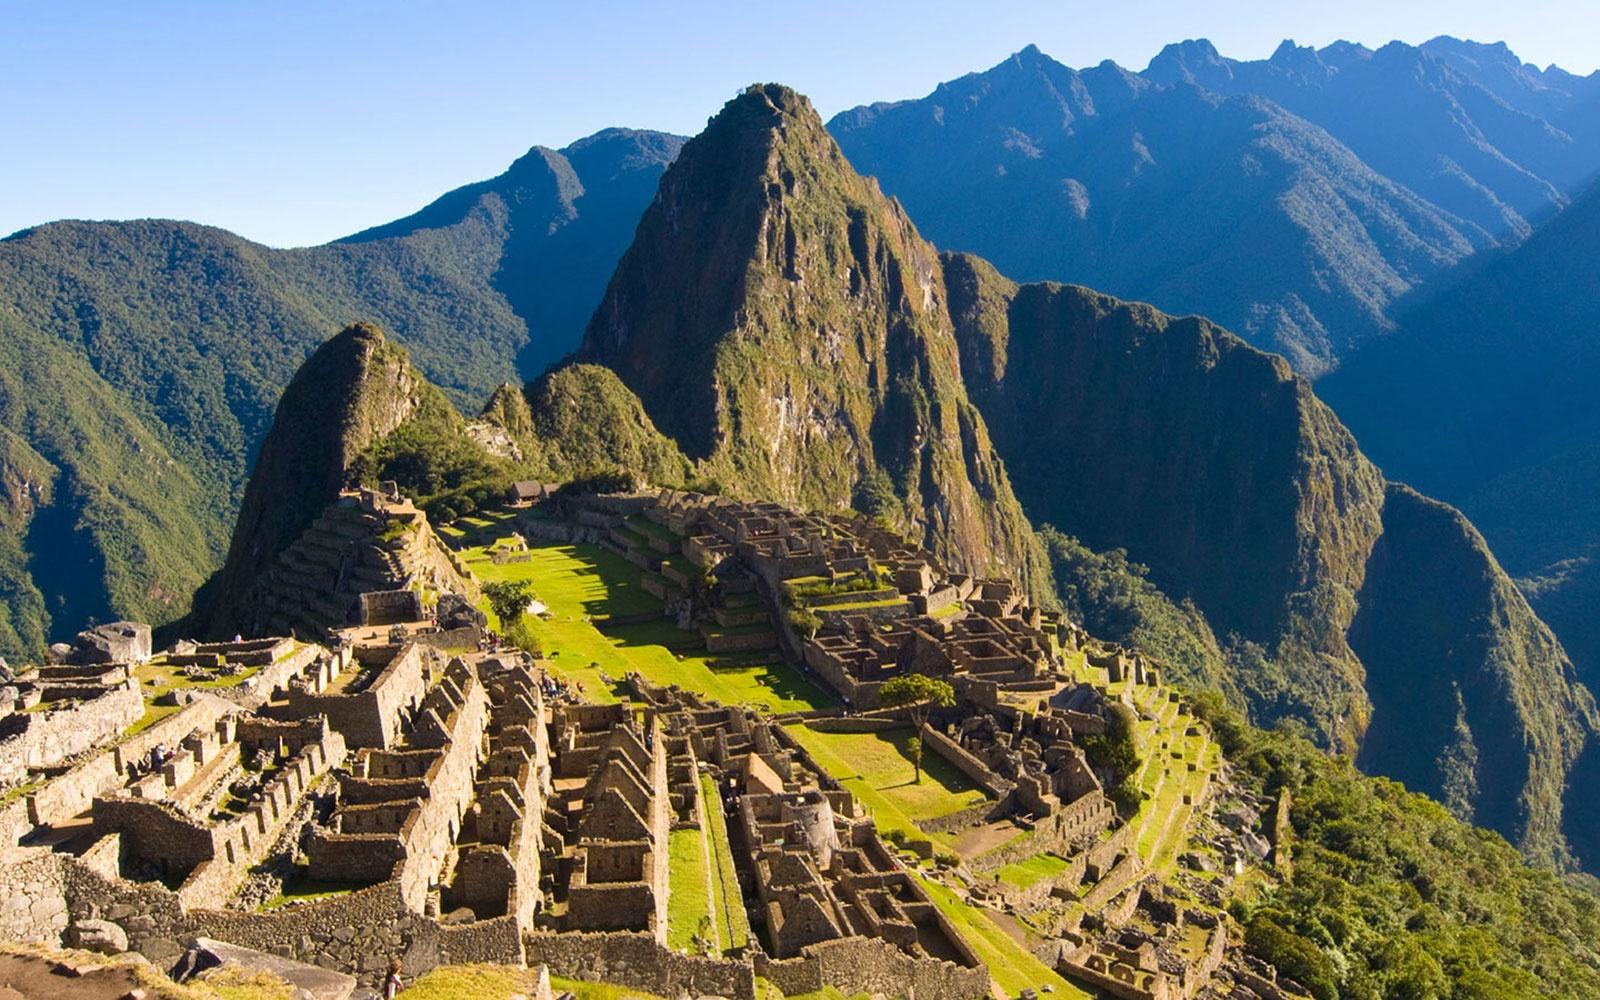 乘火车游览印加古迹马丘比丘,凯雷集团投资秘鲁观光火车运营商 Inca Rail